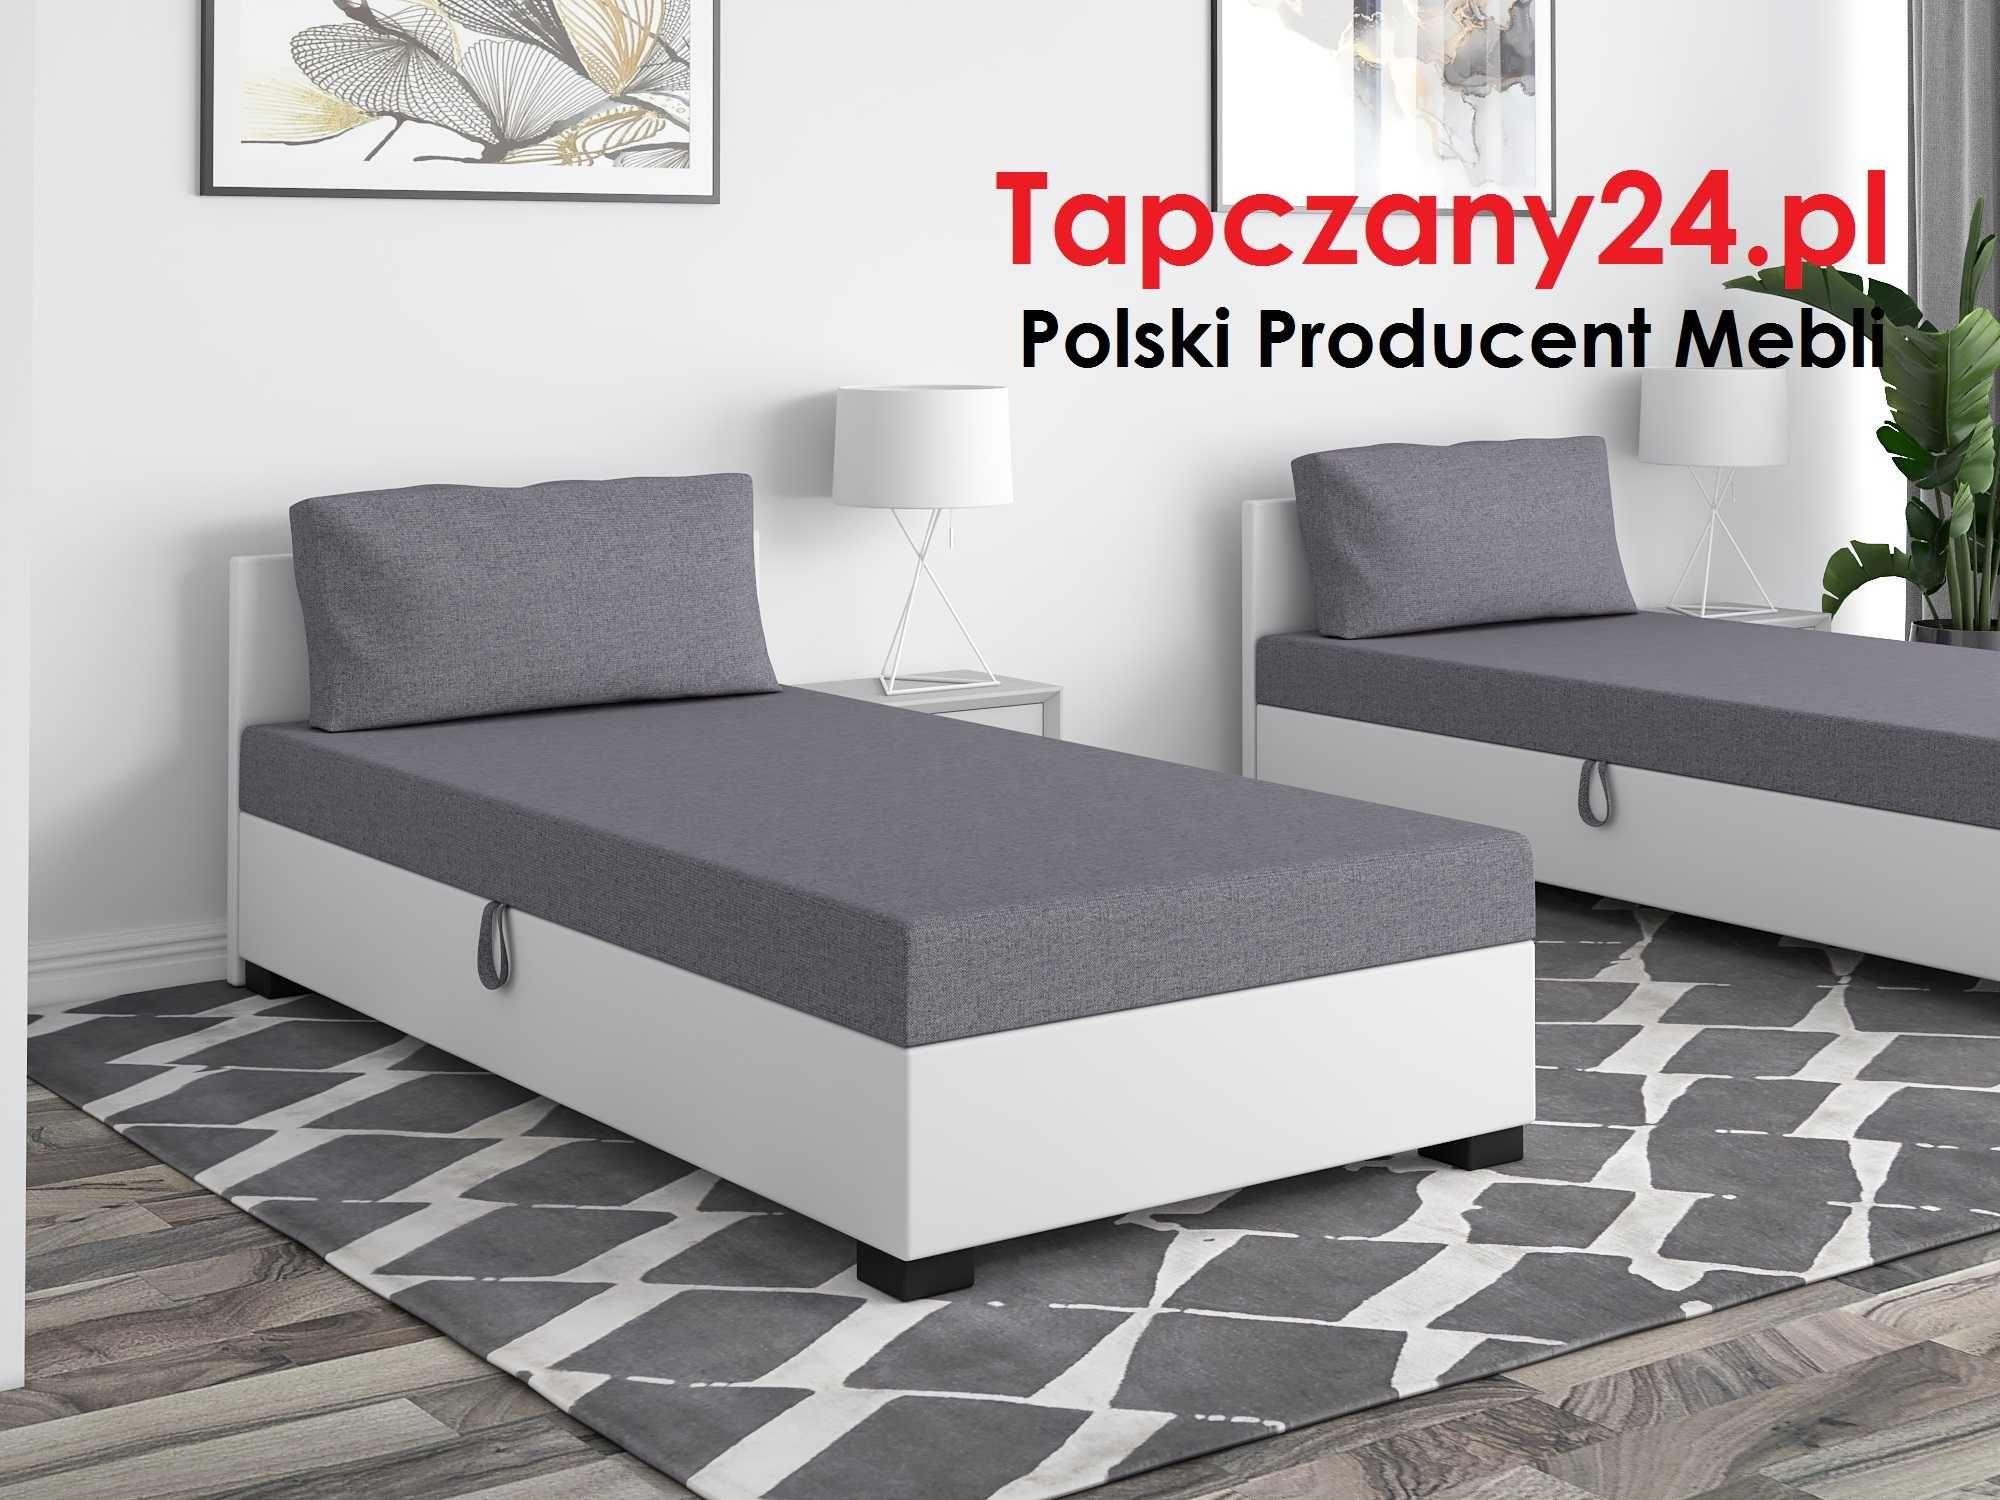 Tapczan młodzieżowy Łóżko jednoosobowe +pojemnik +materac Producent